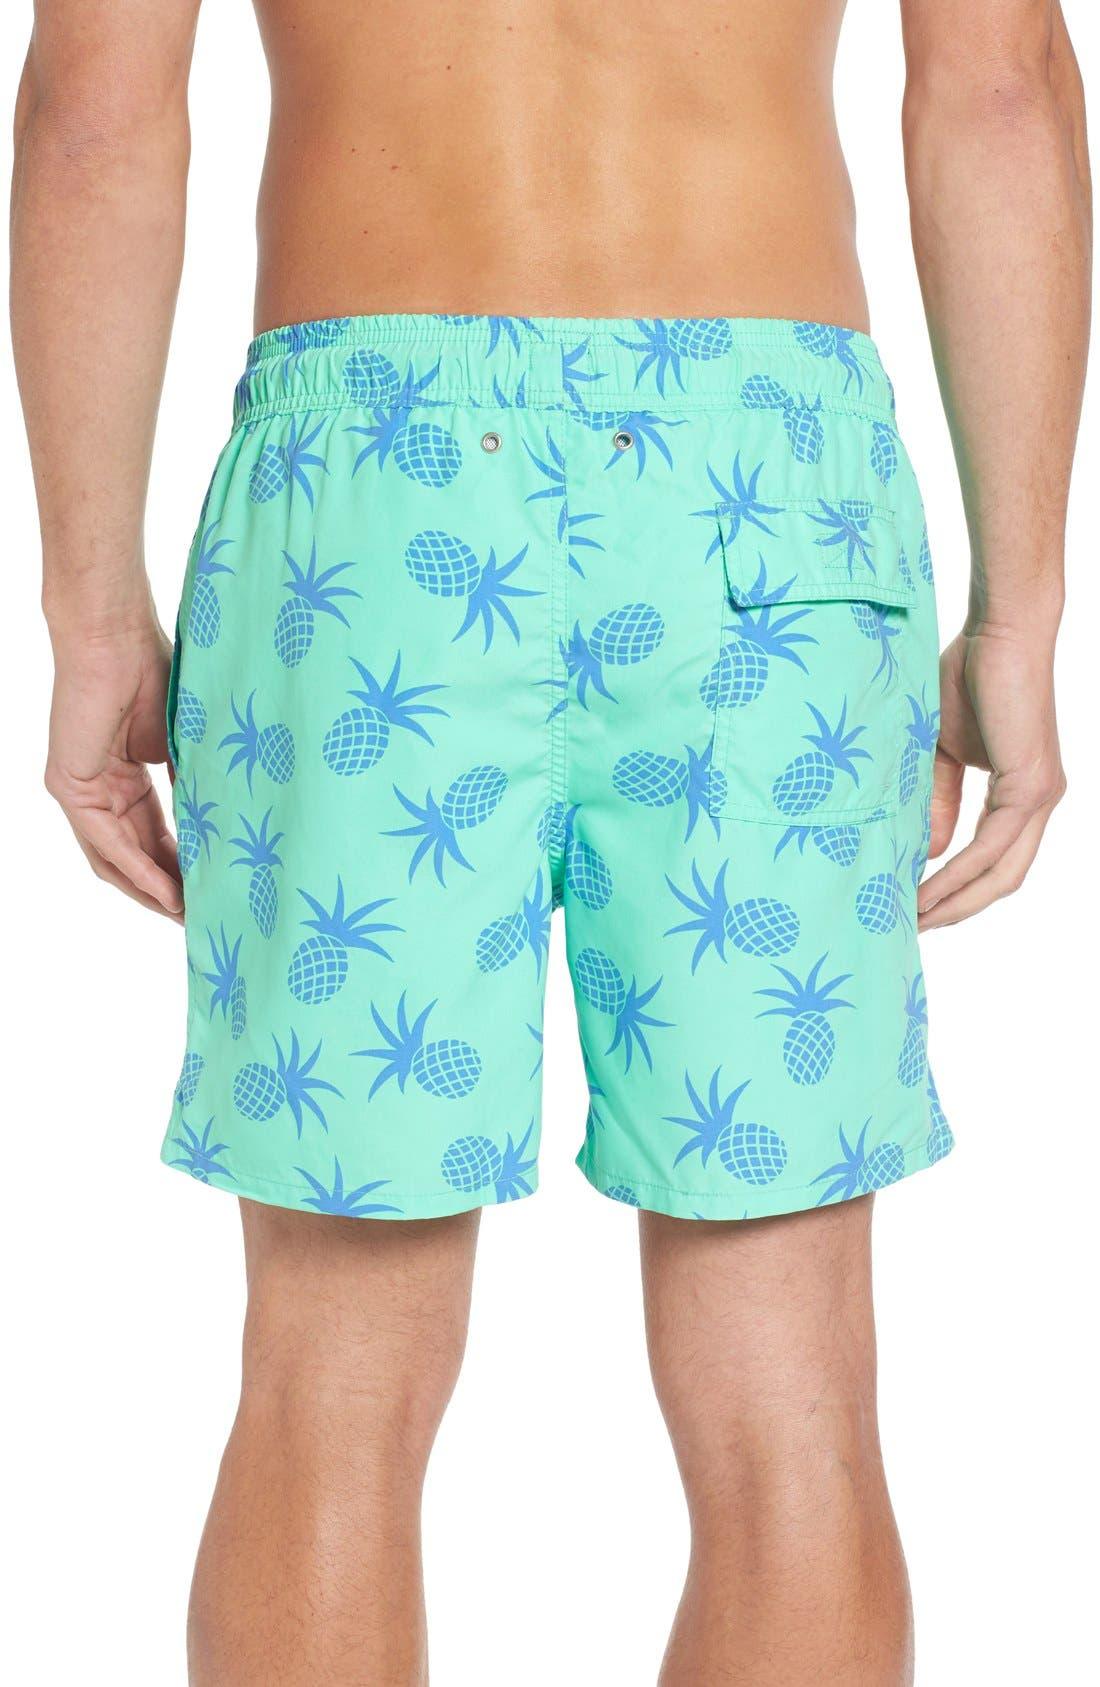 Pineapple Print Swim Trunks,                             Alternate thumbnail 2, color,                             Jade Green